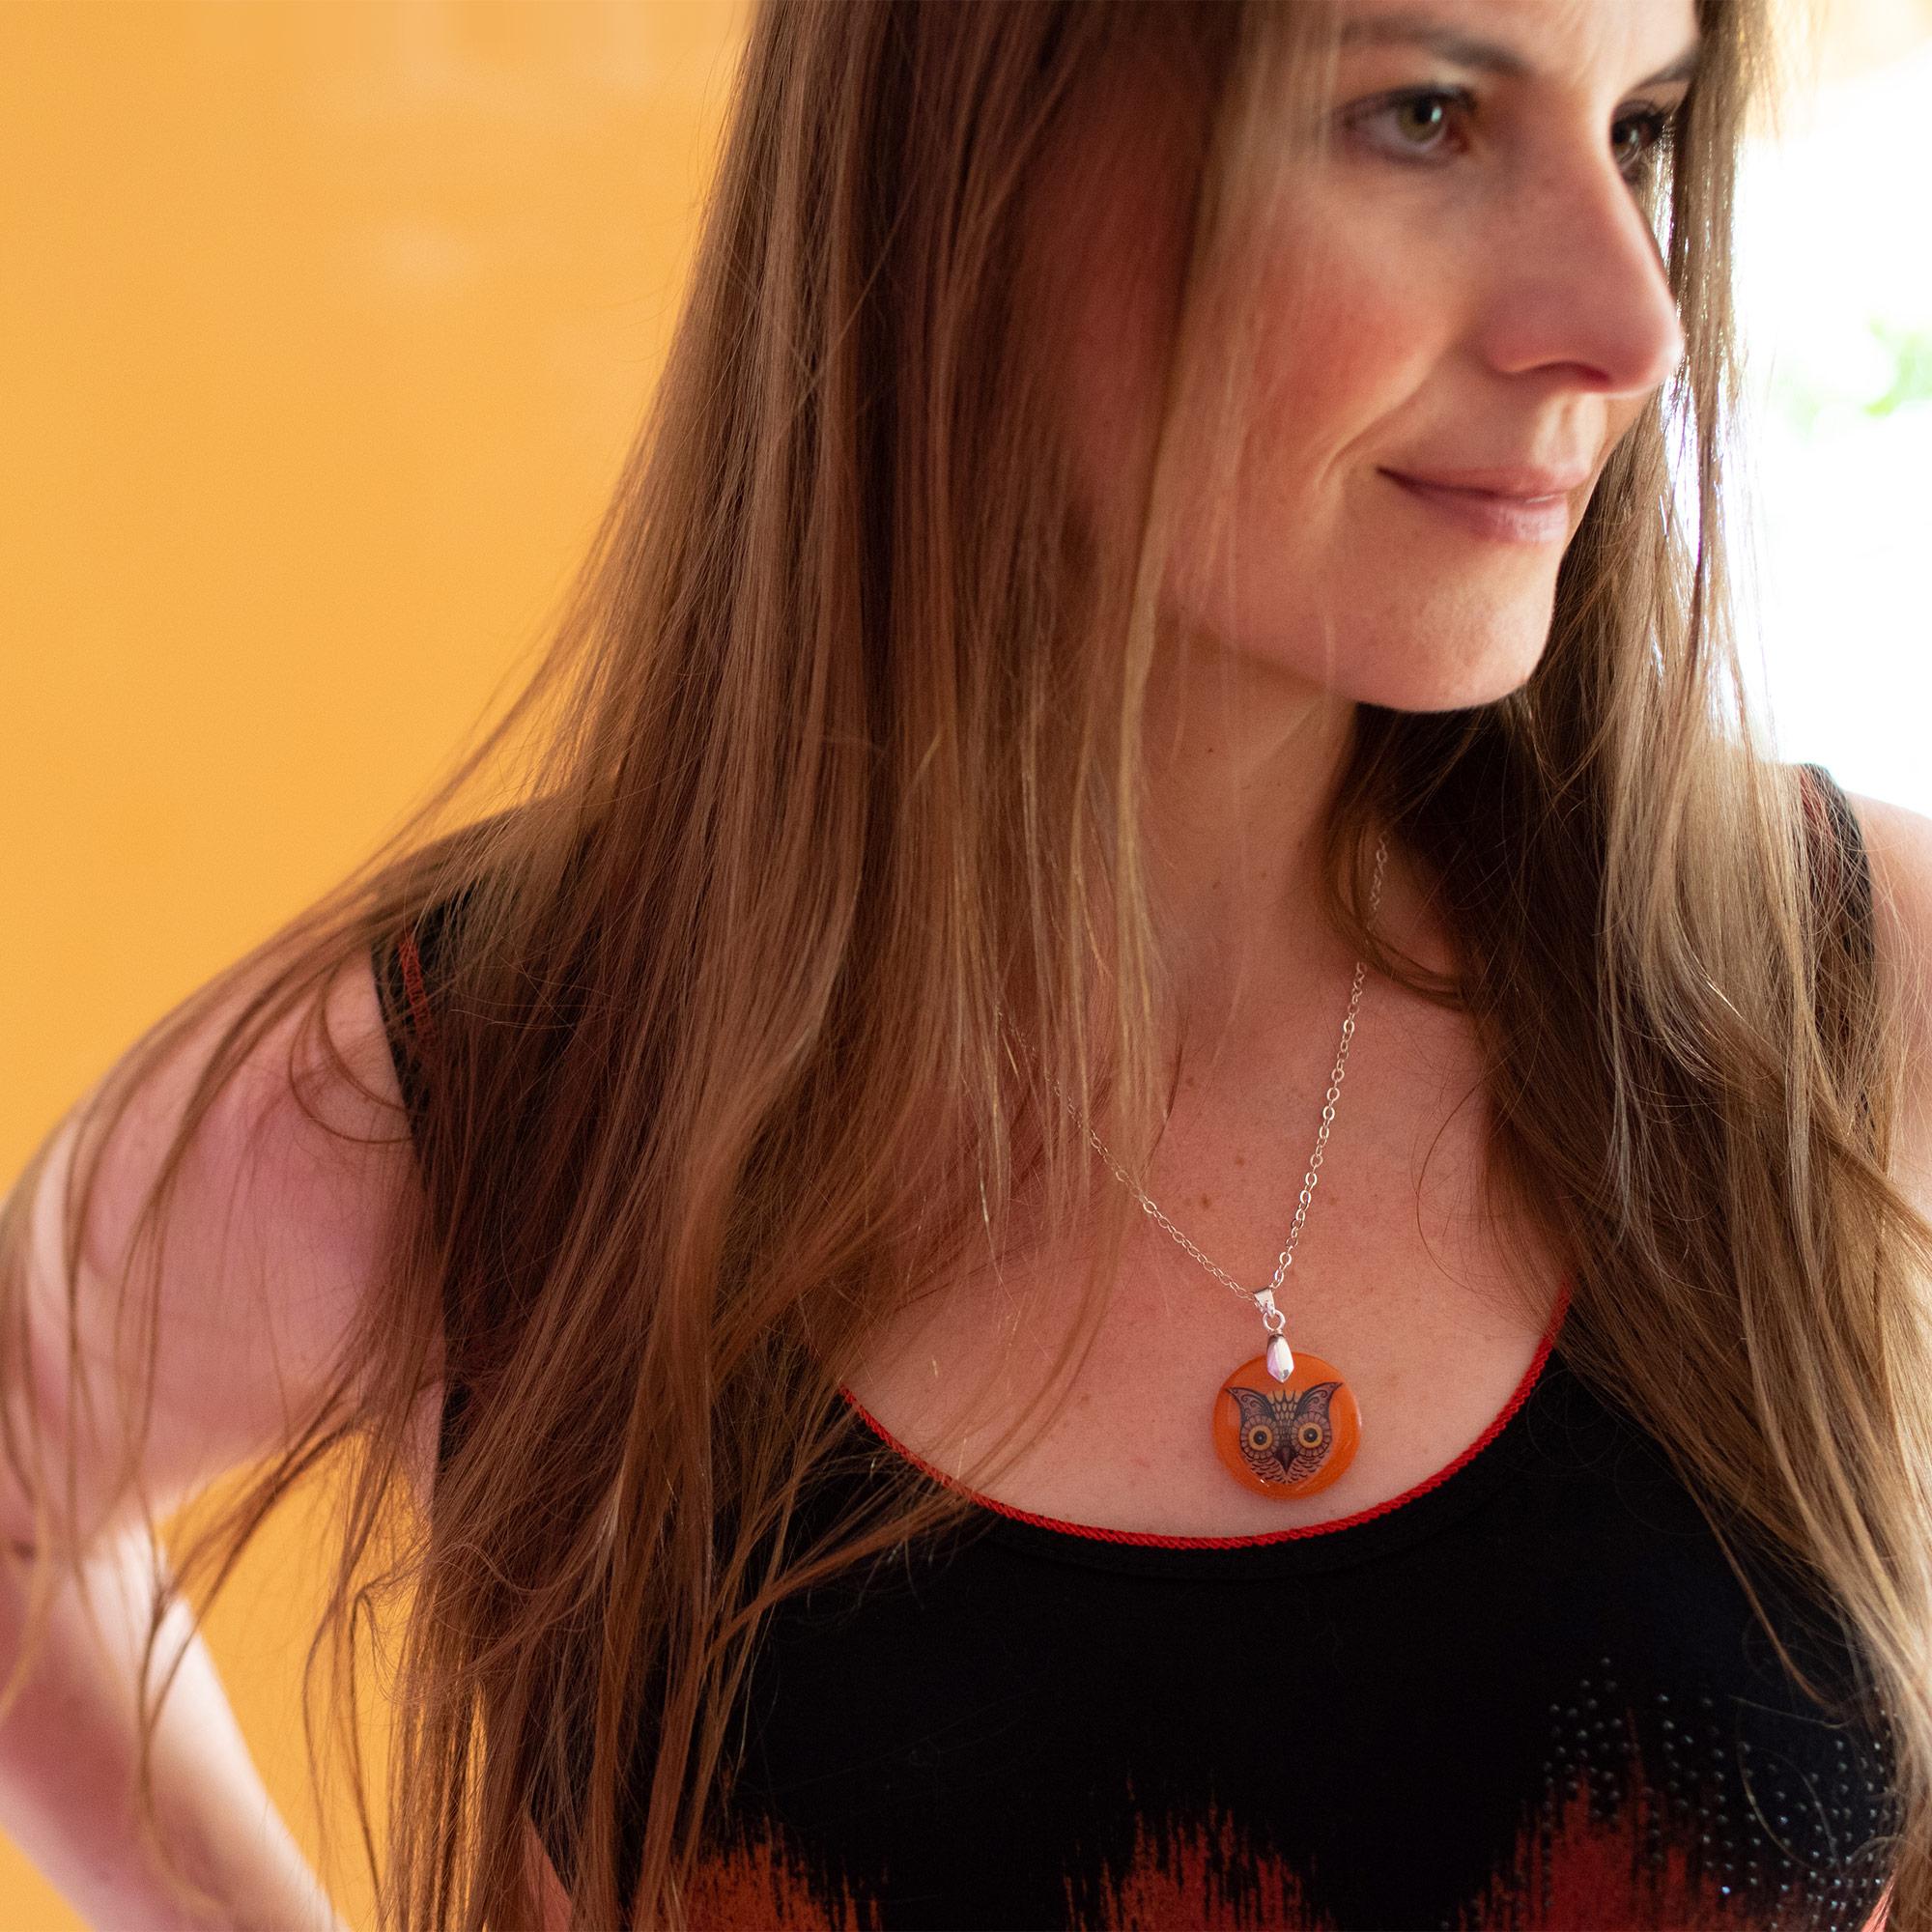 JPD Partners in Craft * The Kitschenette + Johanna Parker Design * Artist Collaboration